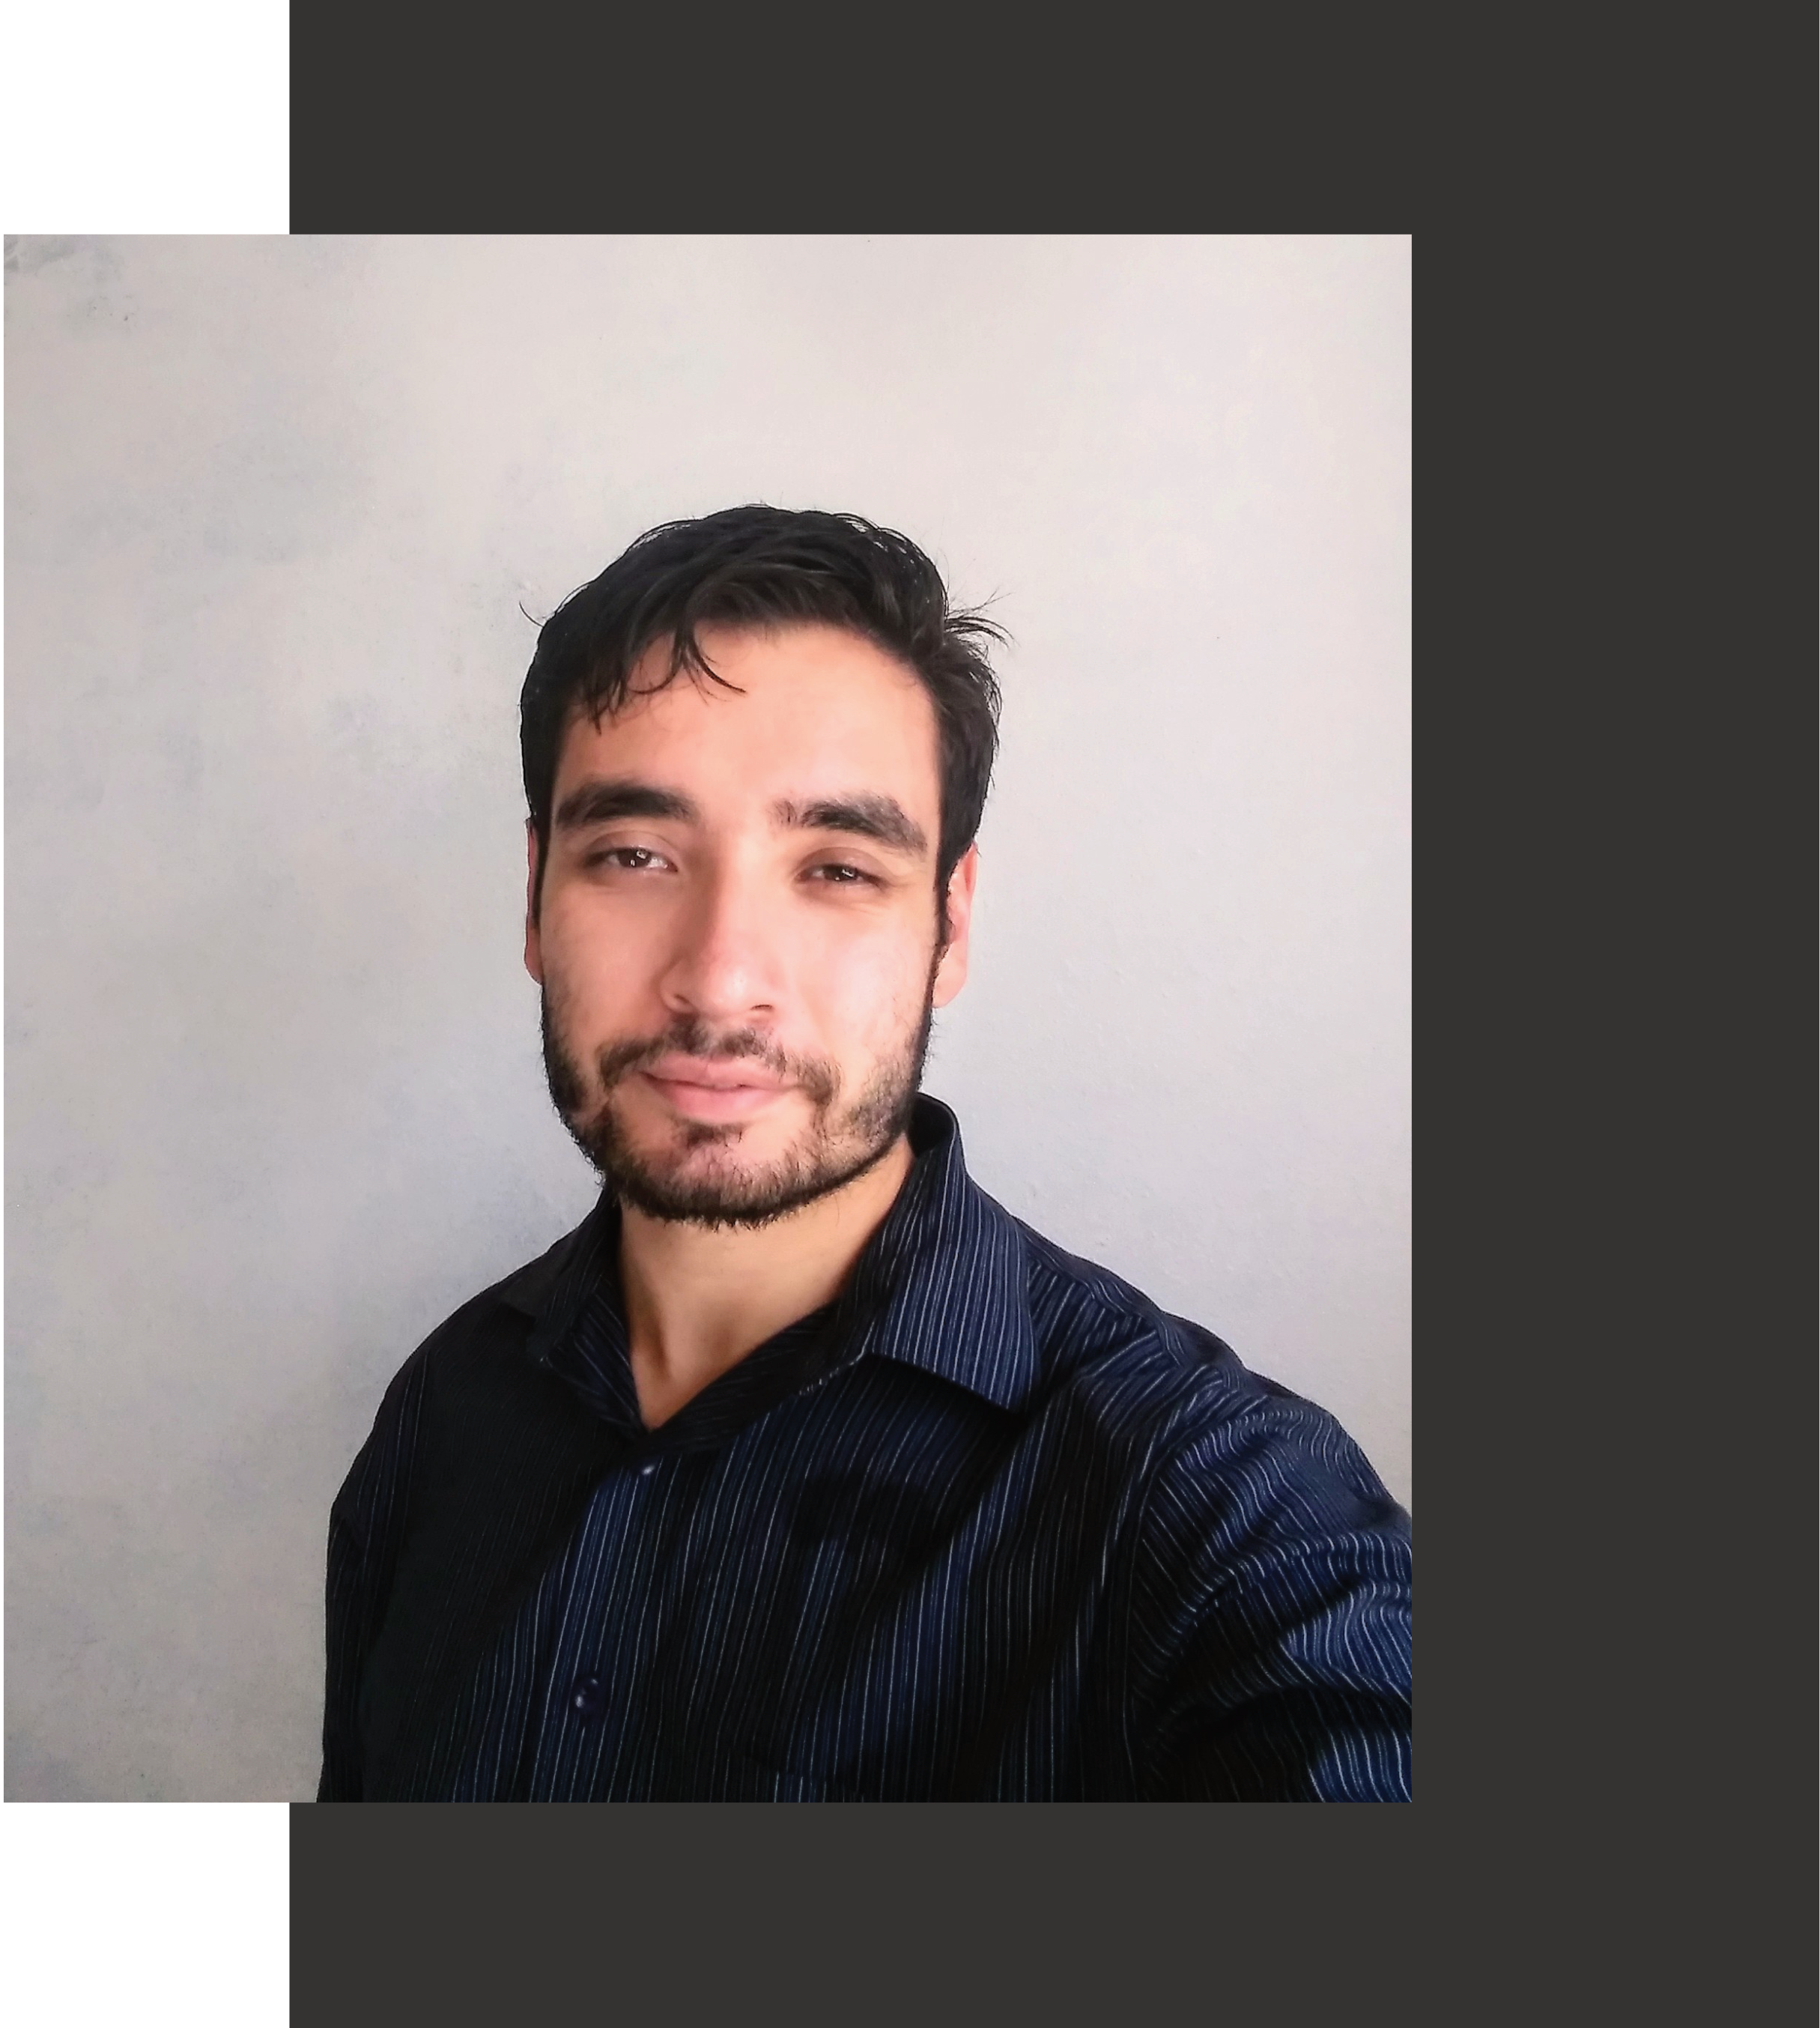 Ricardo Parra El Paso Website Designer